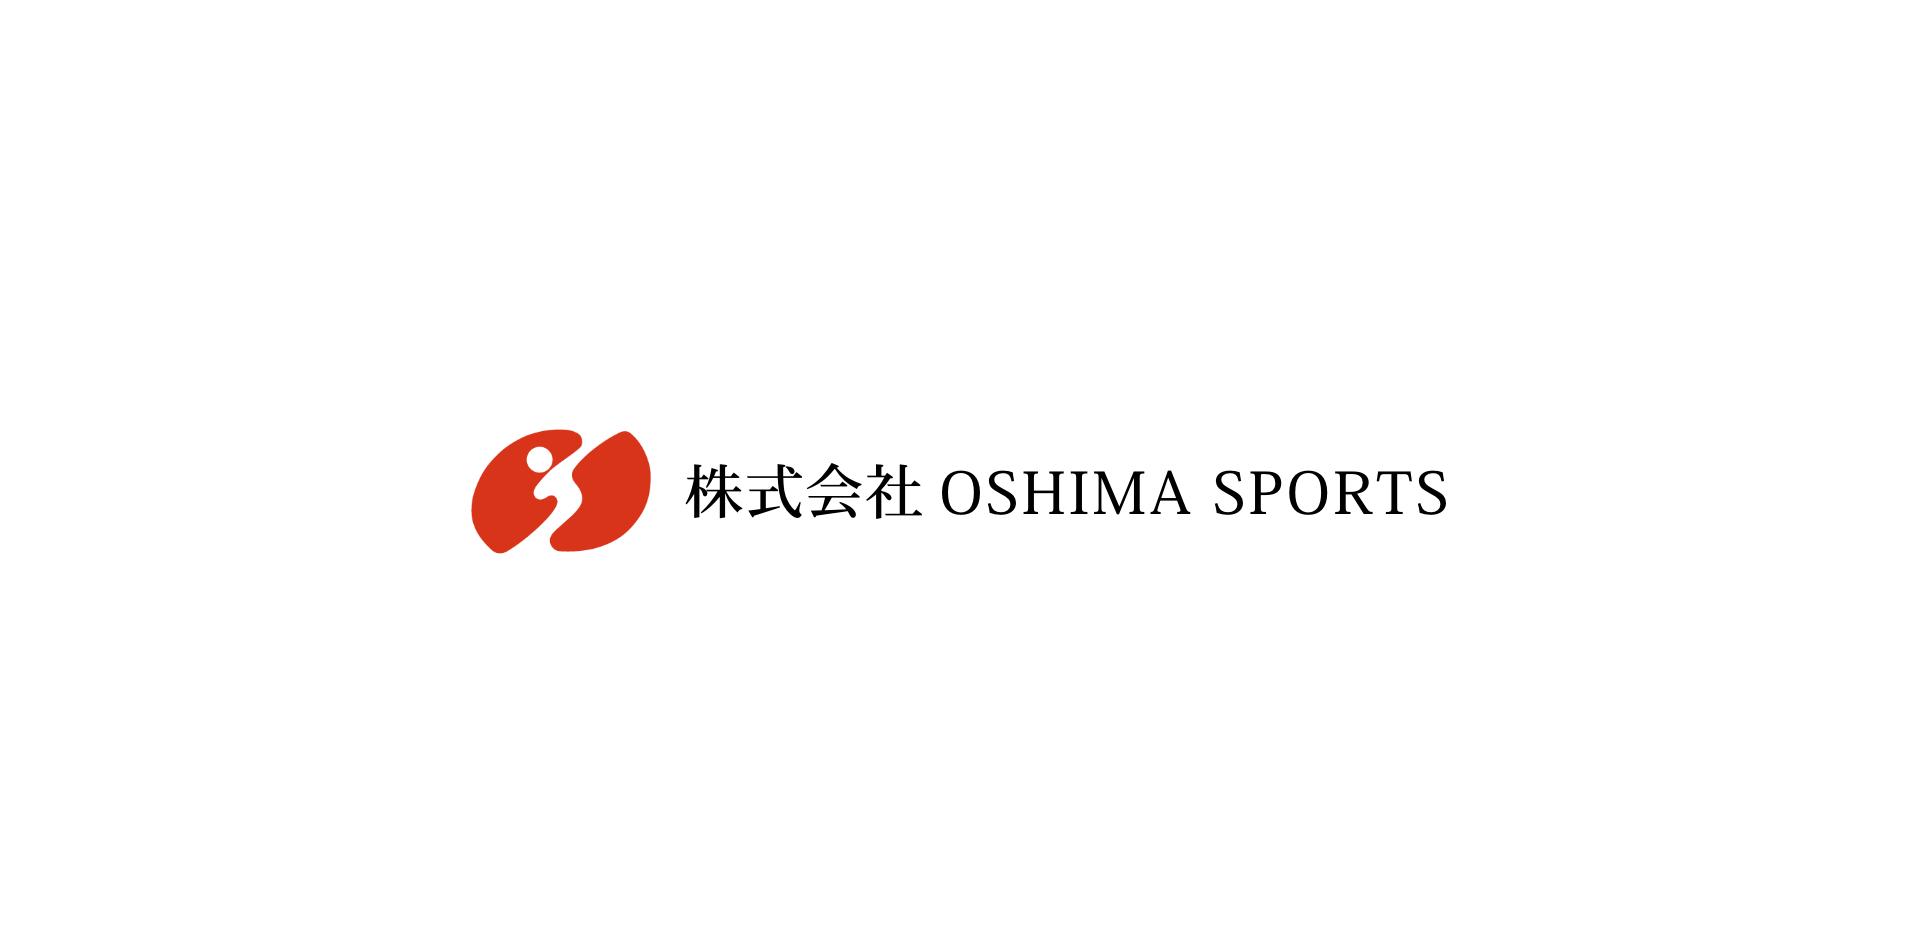 株式会社 OSHIMA SPORTS